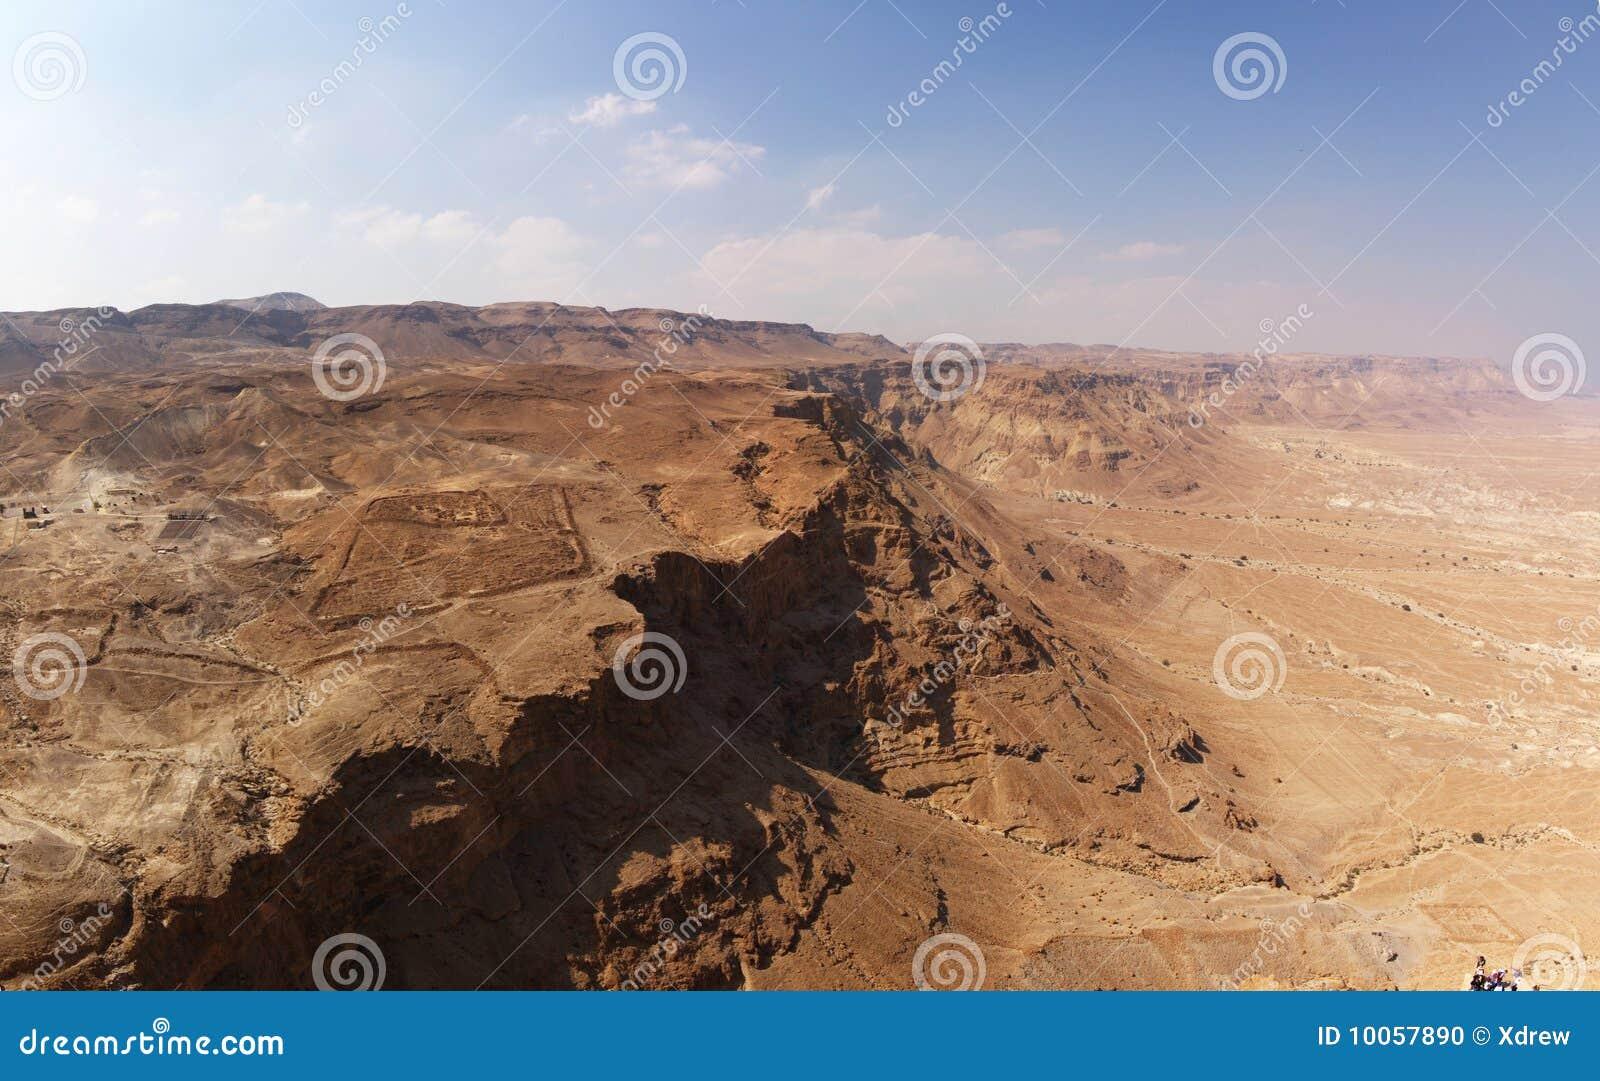 Kanjonökenisrael judea